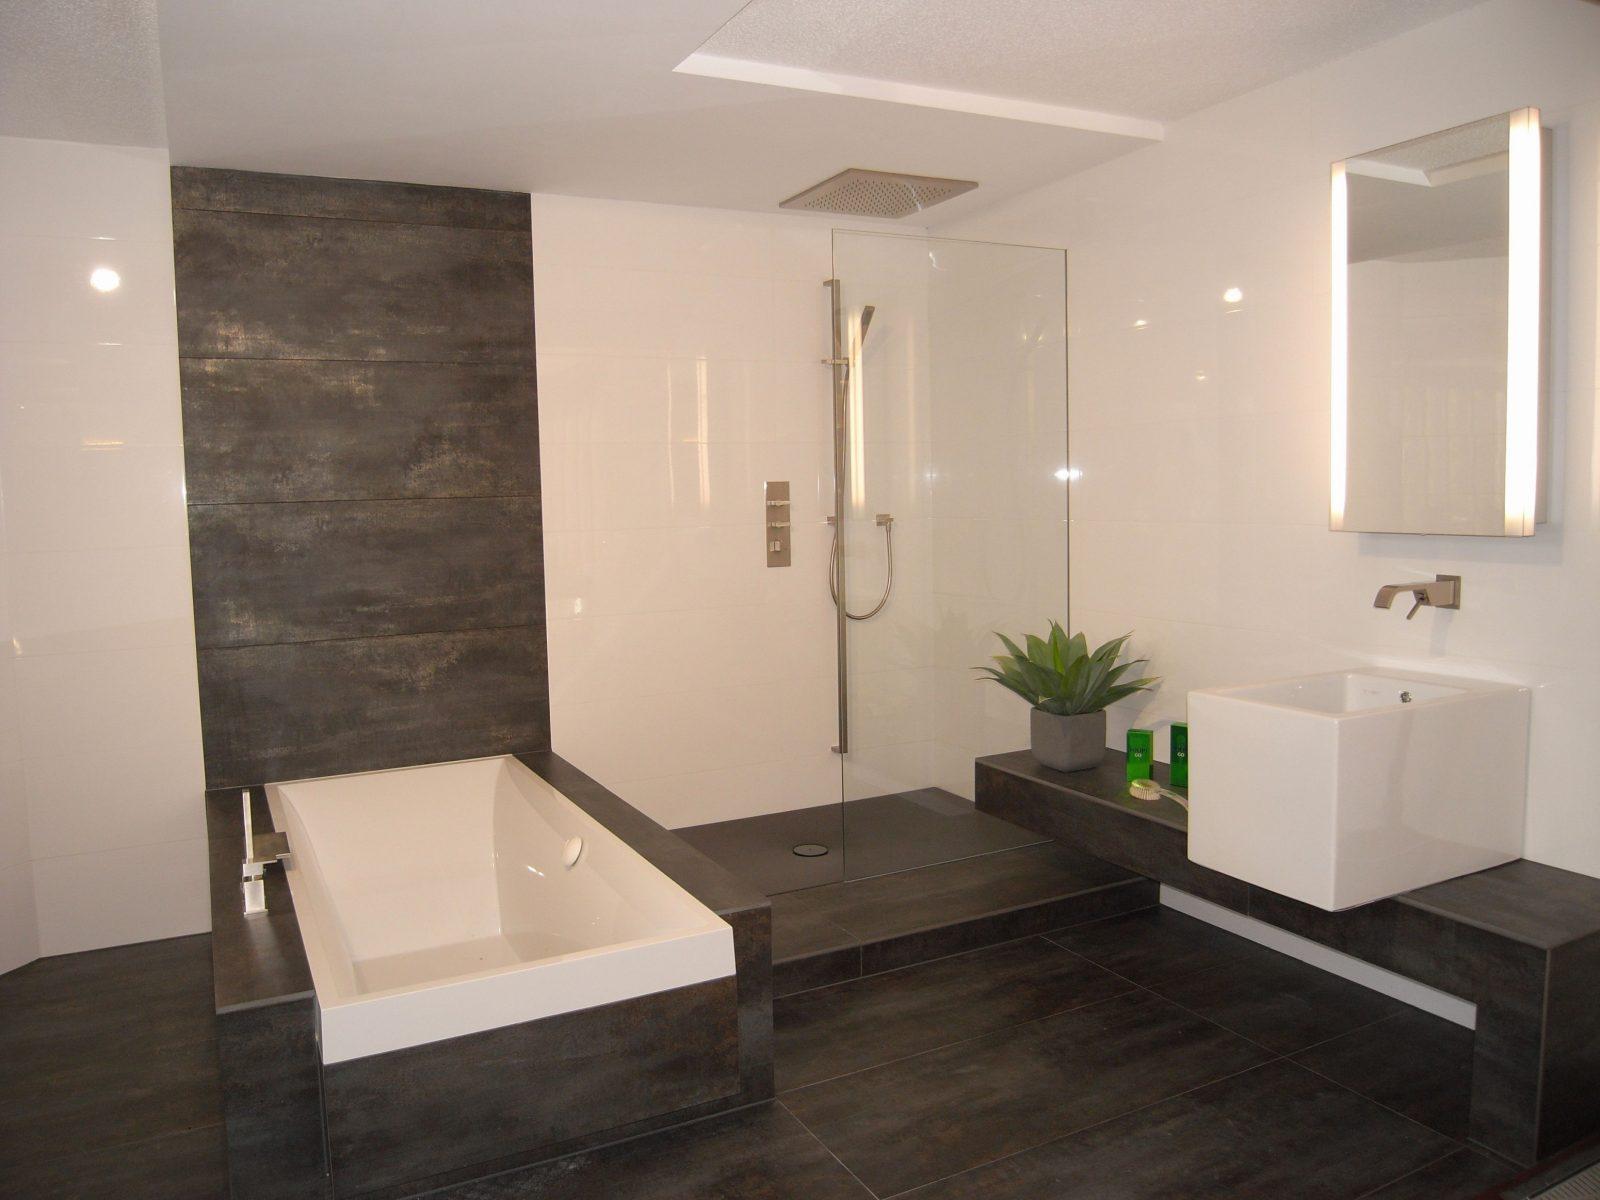 Badezimmer Fliesen Modern Badezimmer Tomis Media von Moderne Badezimmer Fliesen Bild